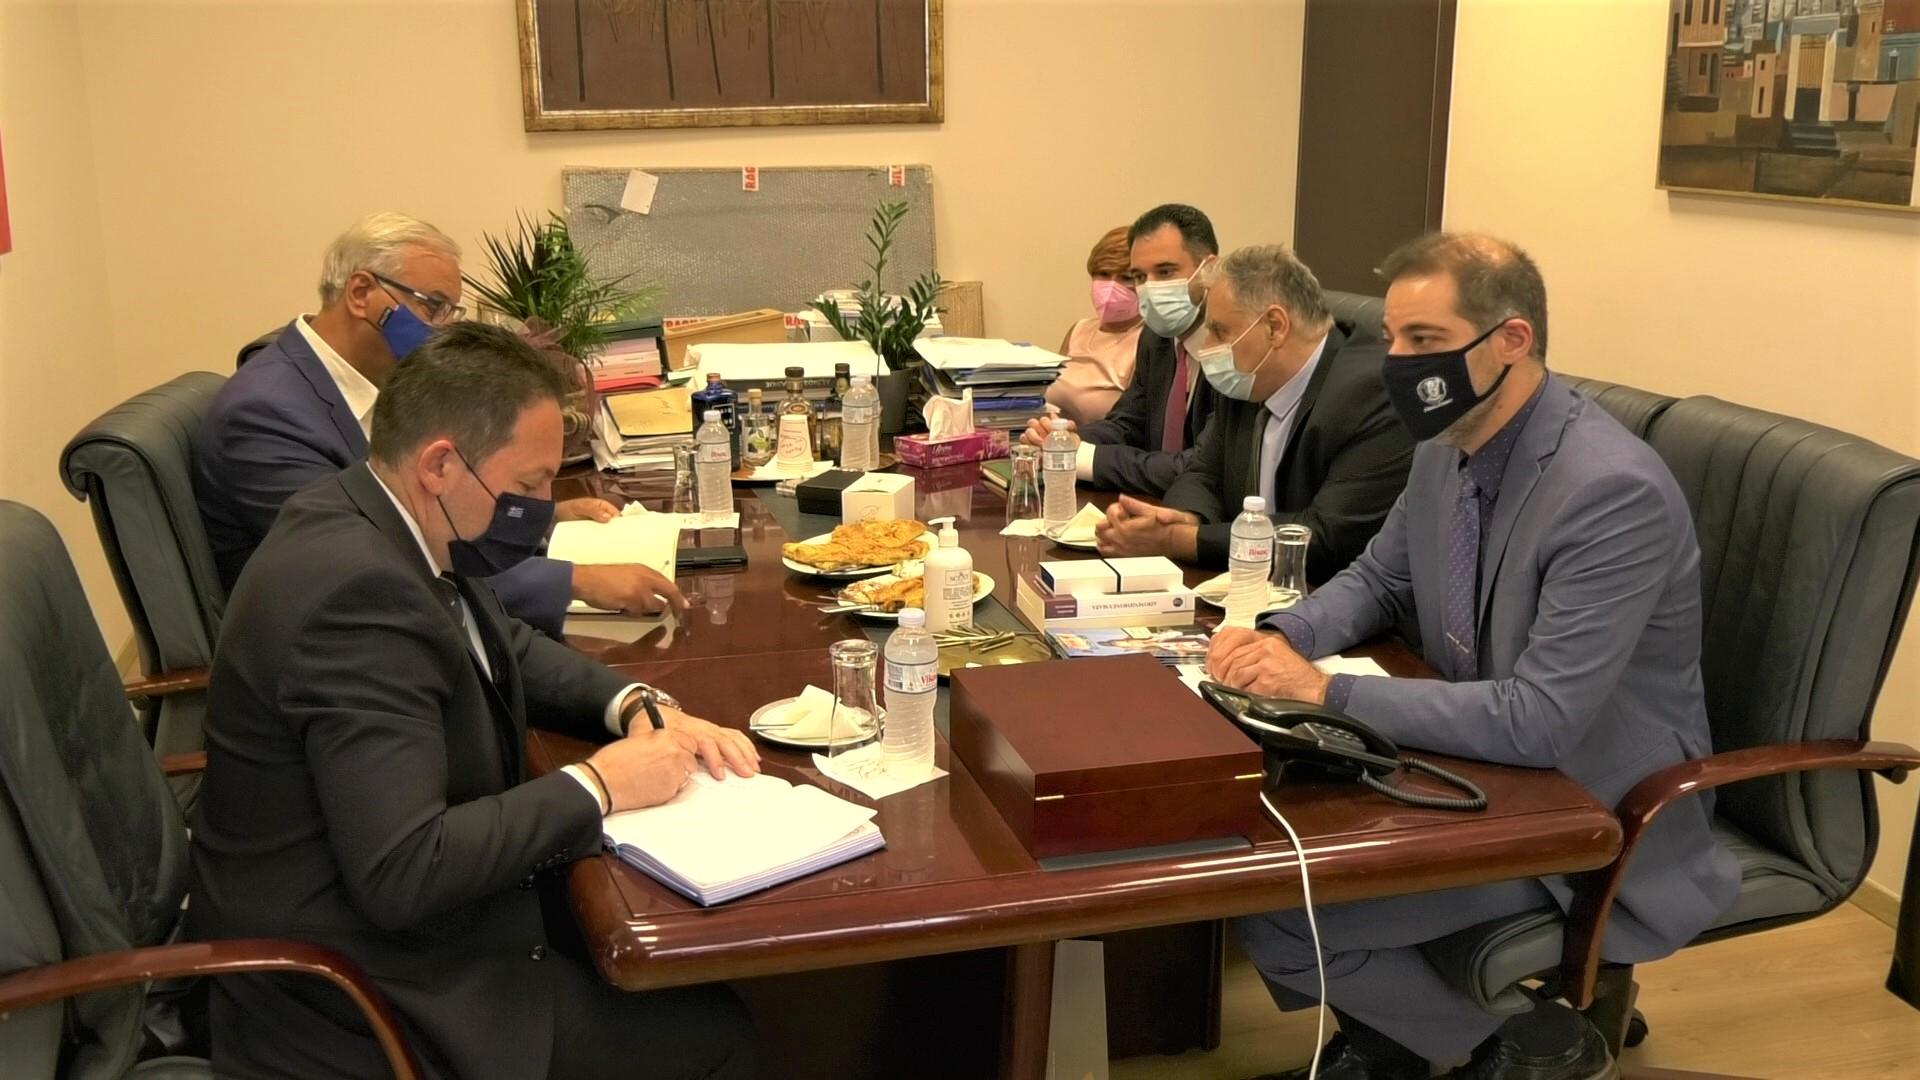 Συνάντηση του Δημάρχου Αλίμου Ανδρέα Κονδύλη με τον Αν. Υπουργό Στέλιο Πέτσα